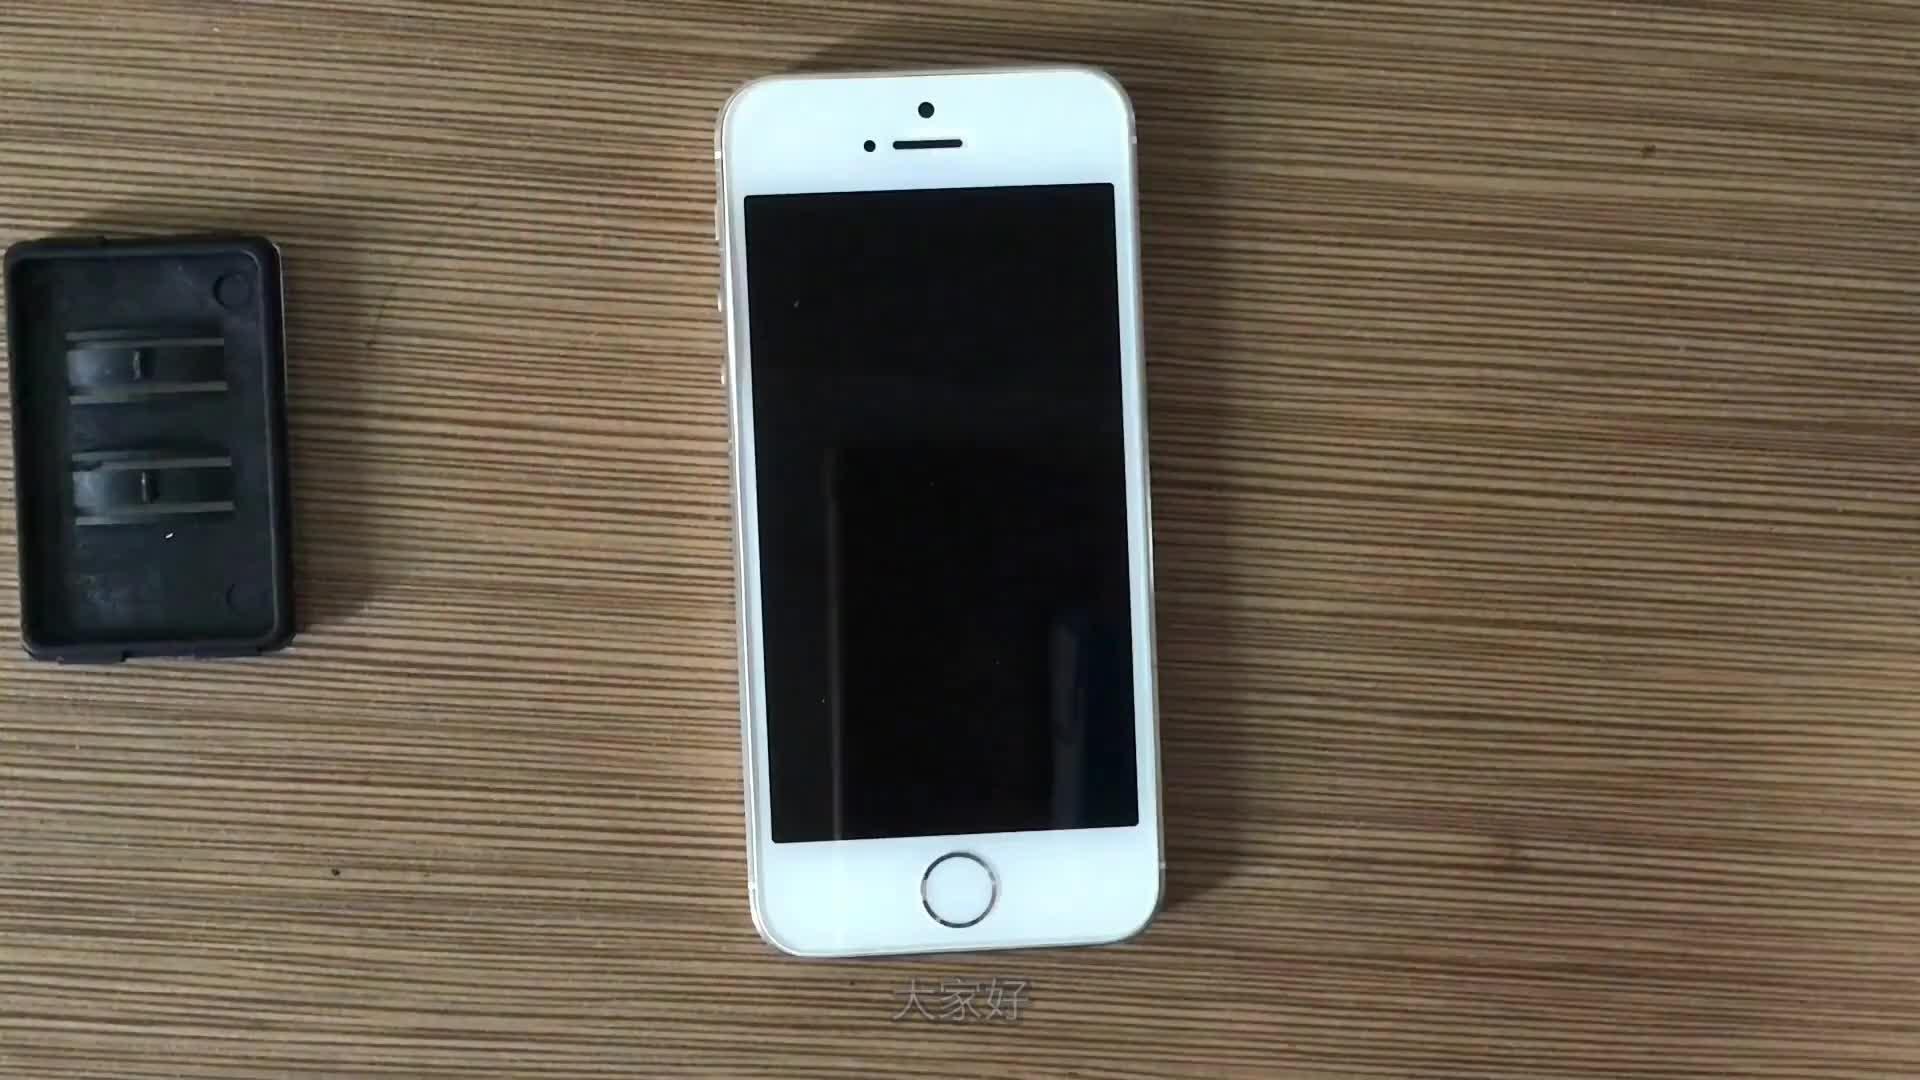 两百元买了台iPhone5s 跑分的那一瞬间 感觉这是台假苹果